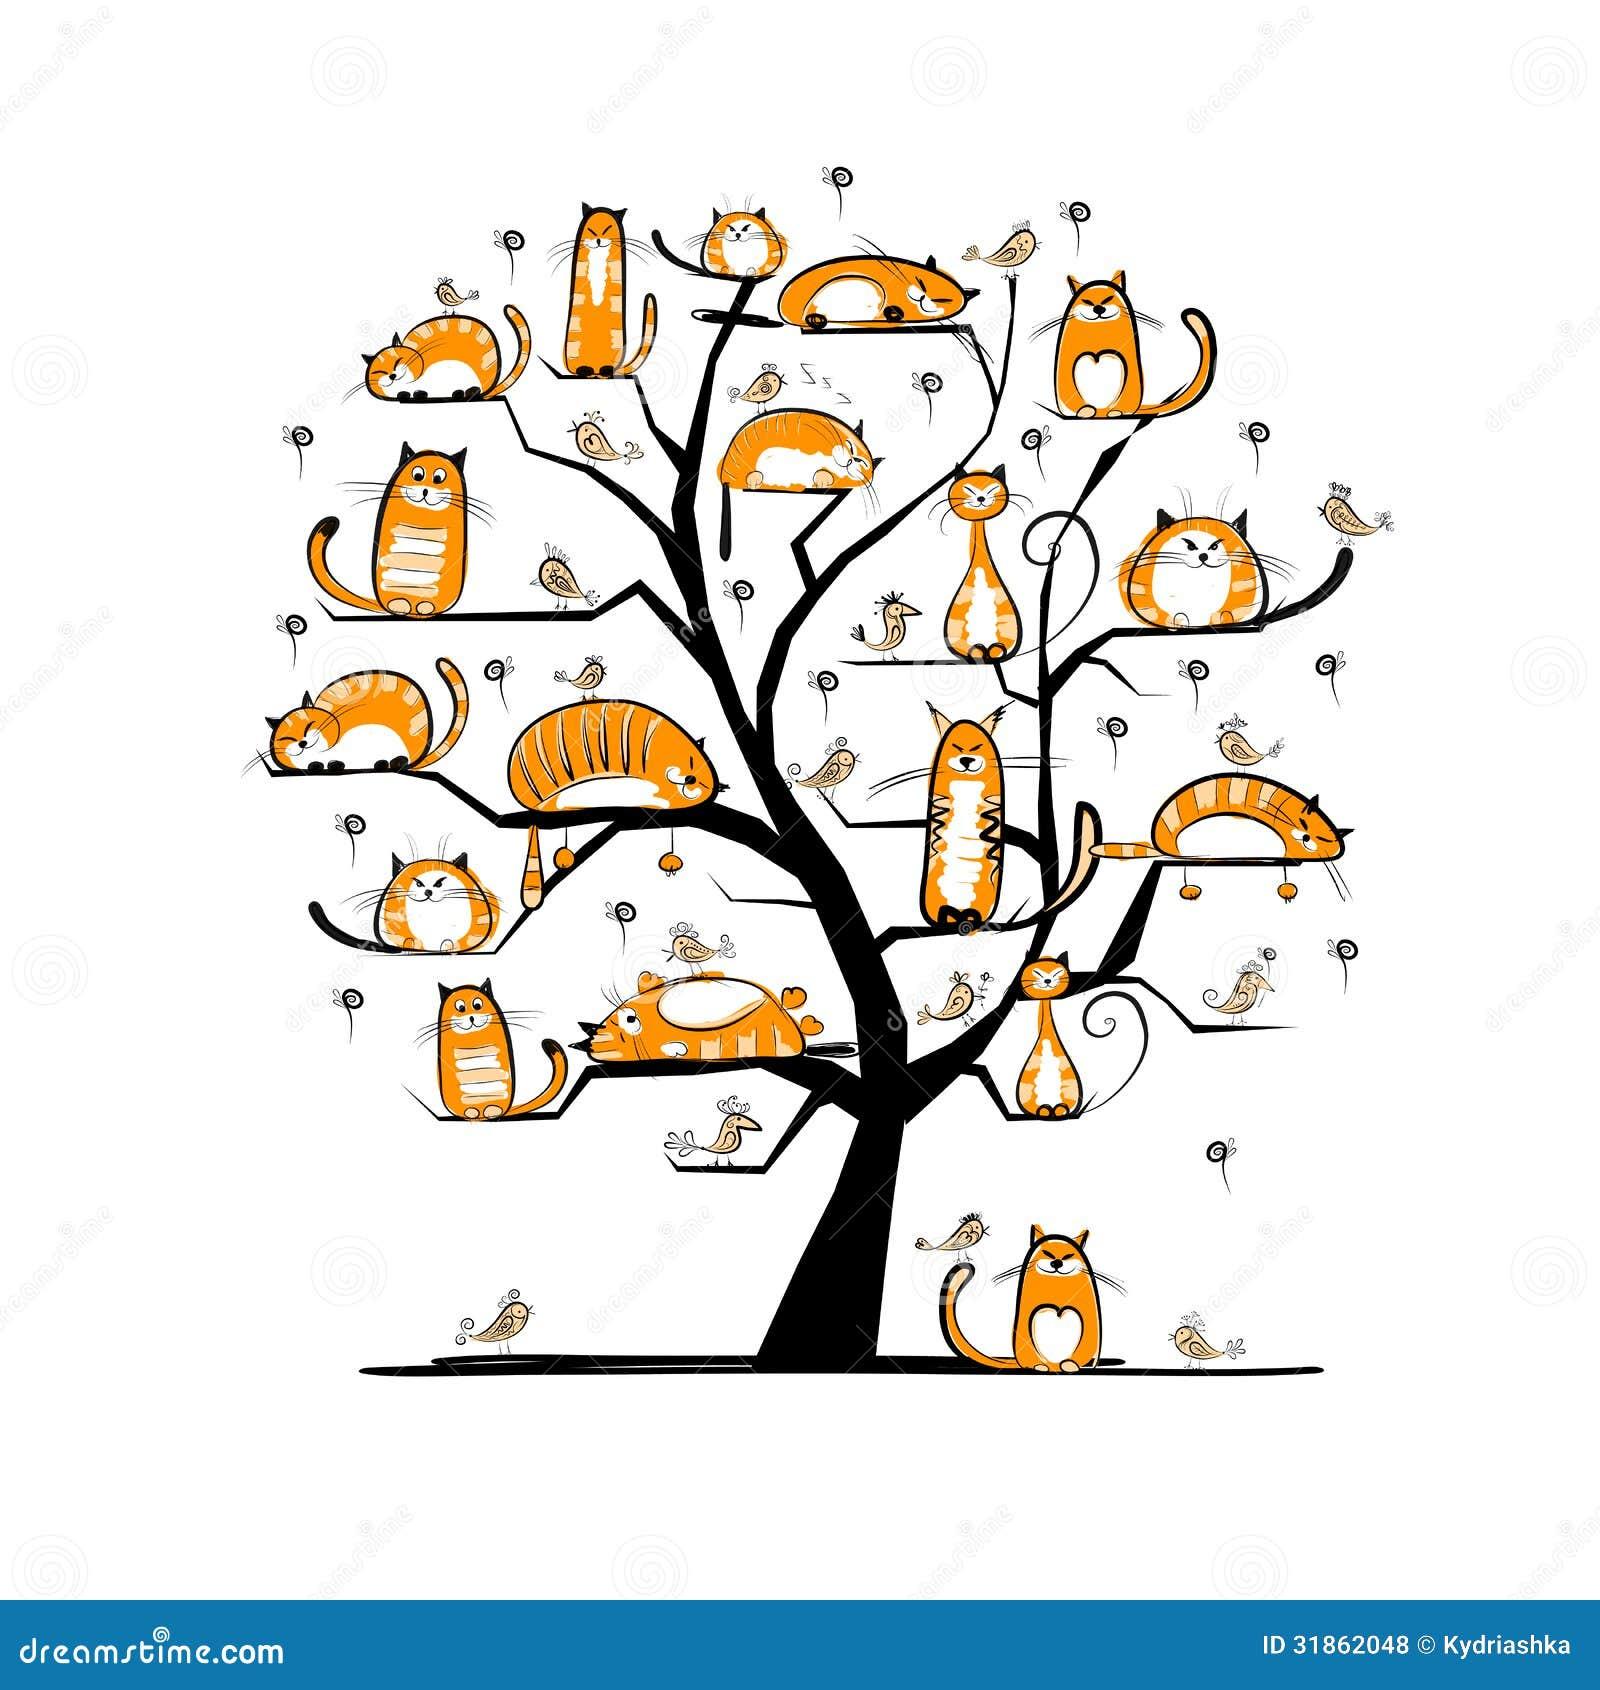 Big Cats Christmas Trees